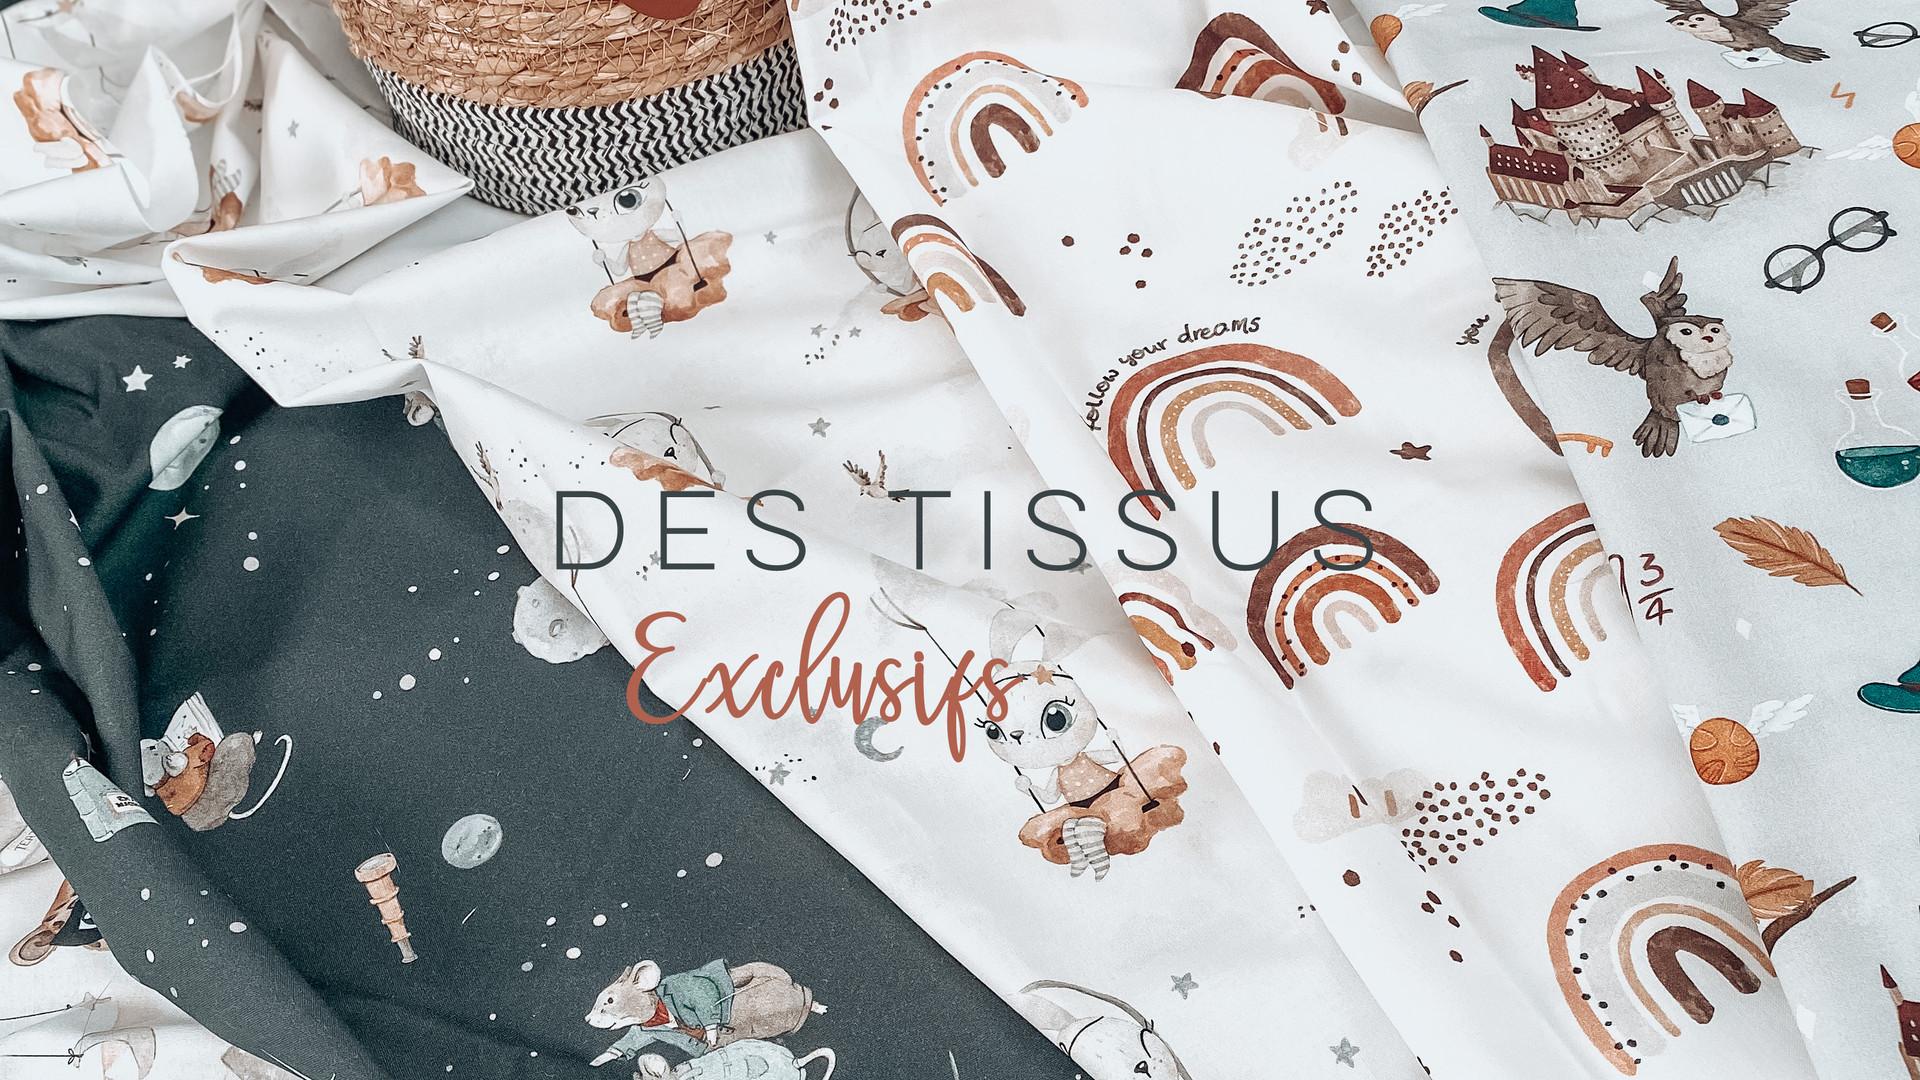 Tissus Exclusifs